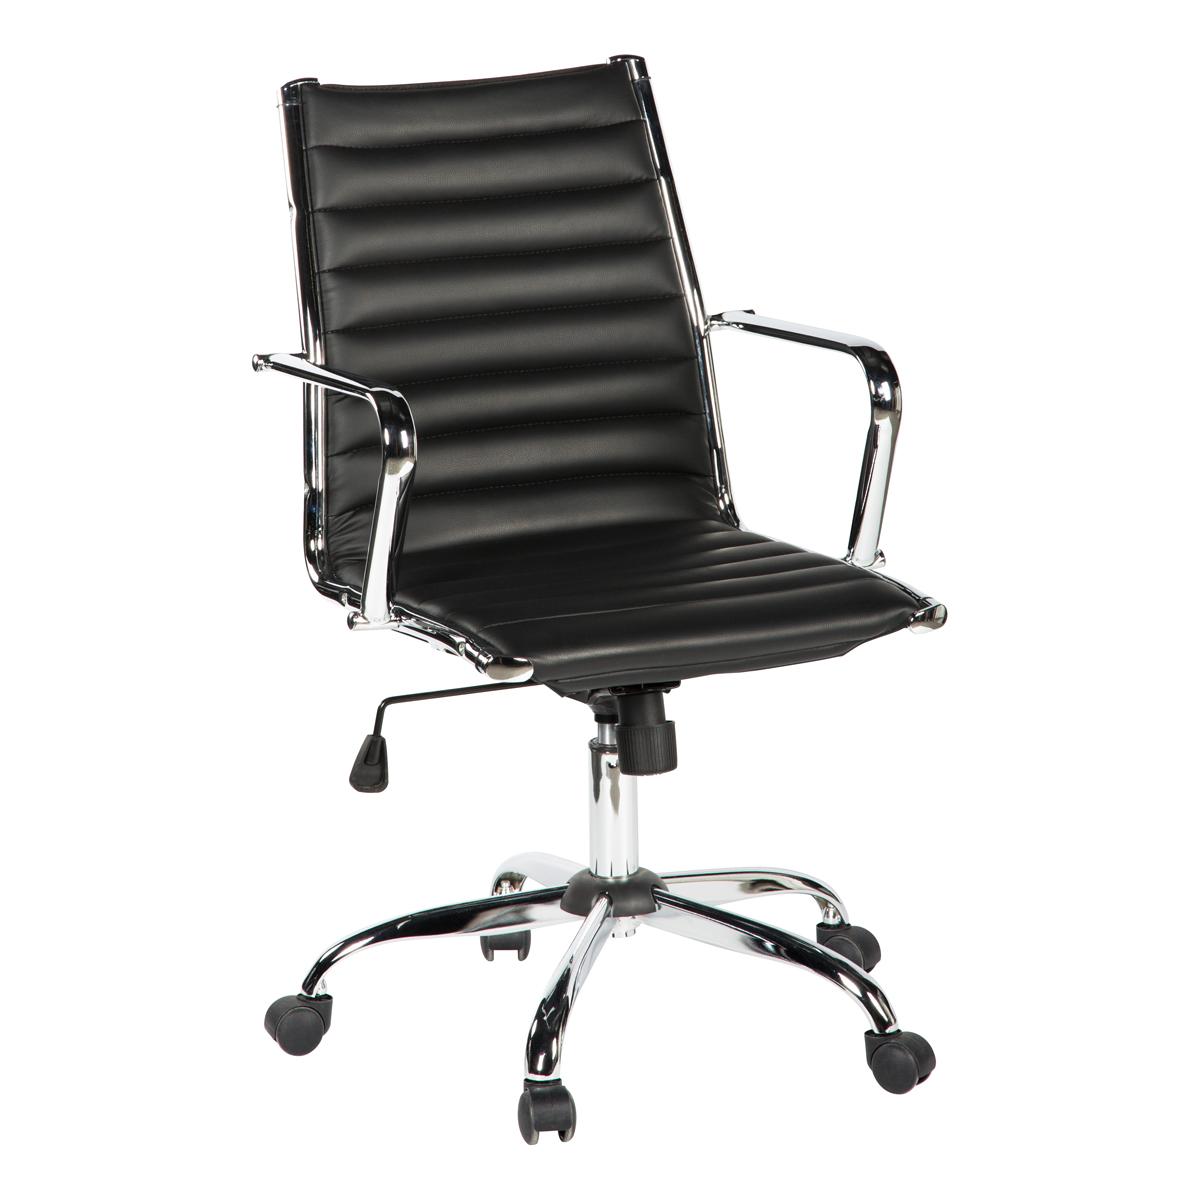 Bürodrehstuhl Laxy, schwarz